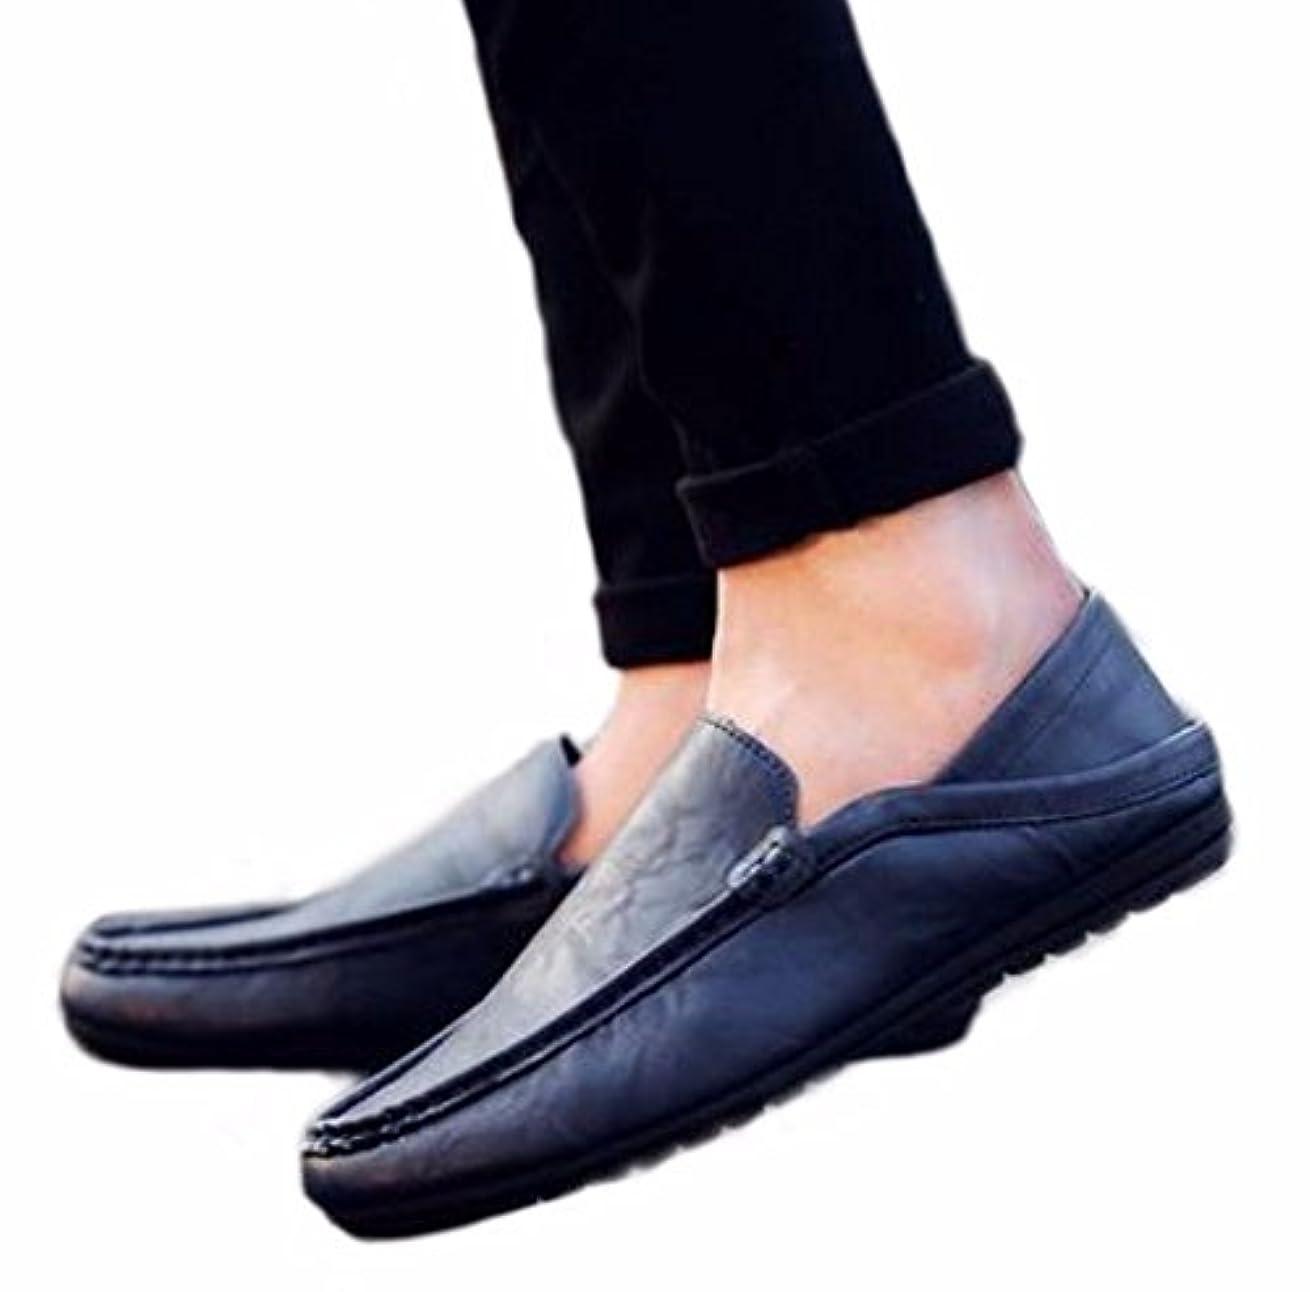 刑務所かわいらしい羊飼い【SEBLES】メンズ シューズ 靴 カジュアル おしゃれ シンプル オトナ 大人 かっこいい